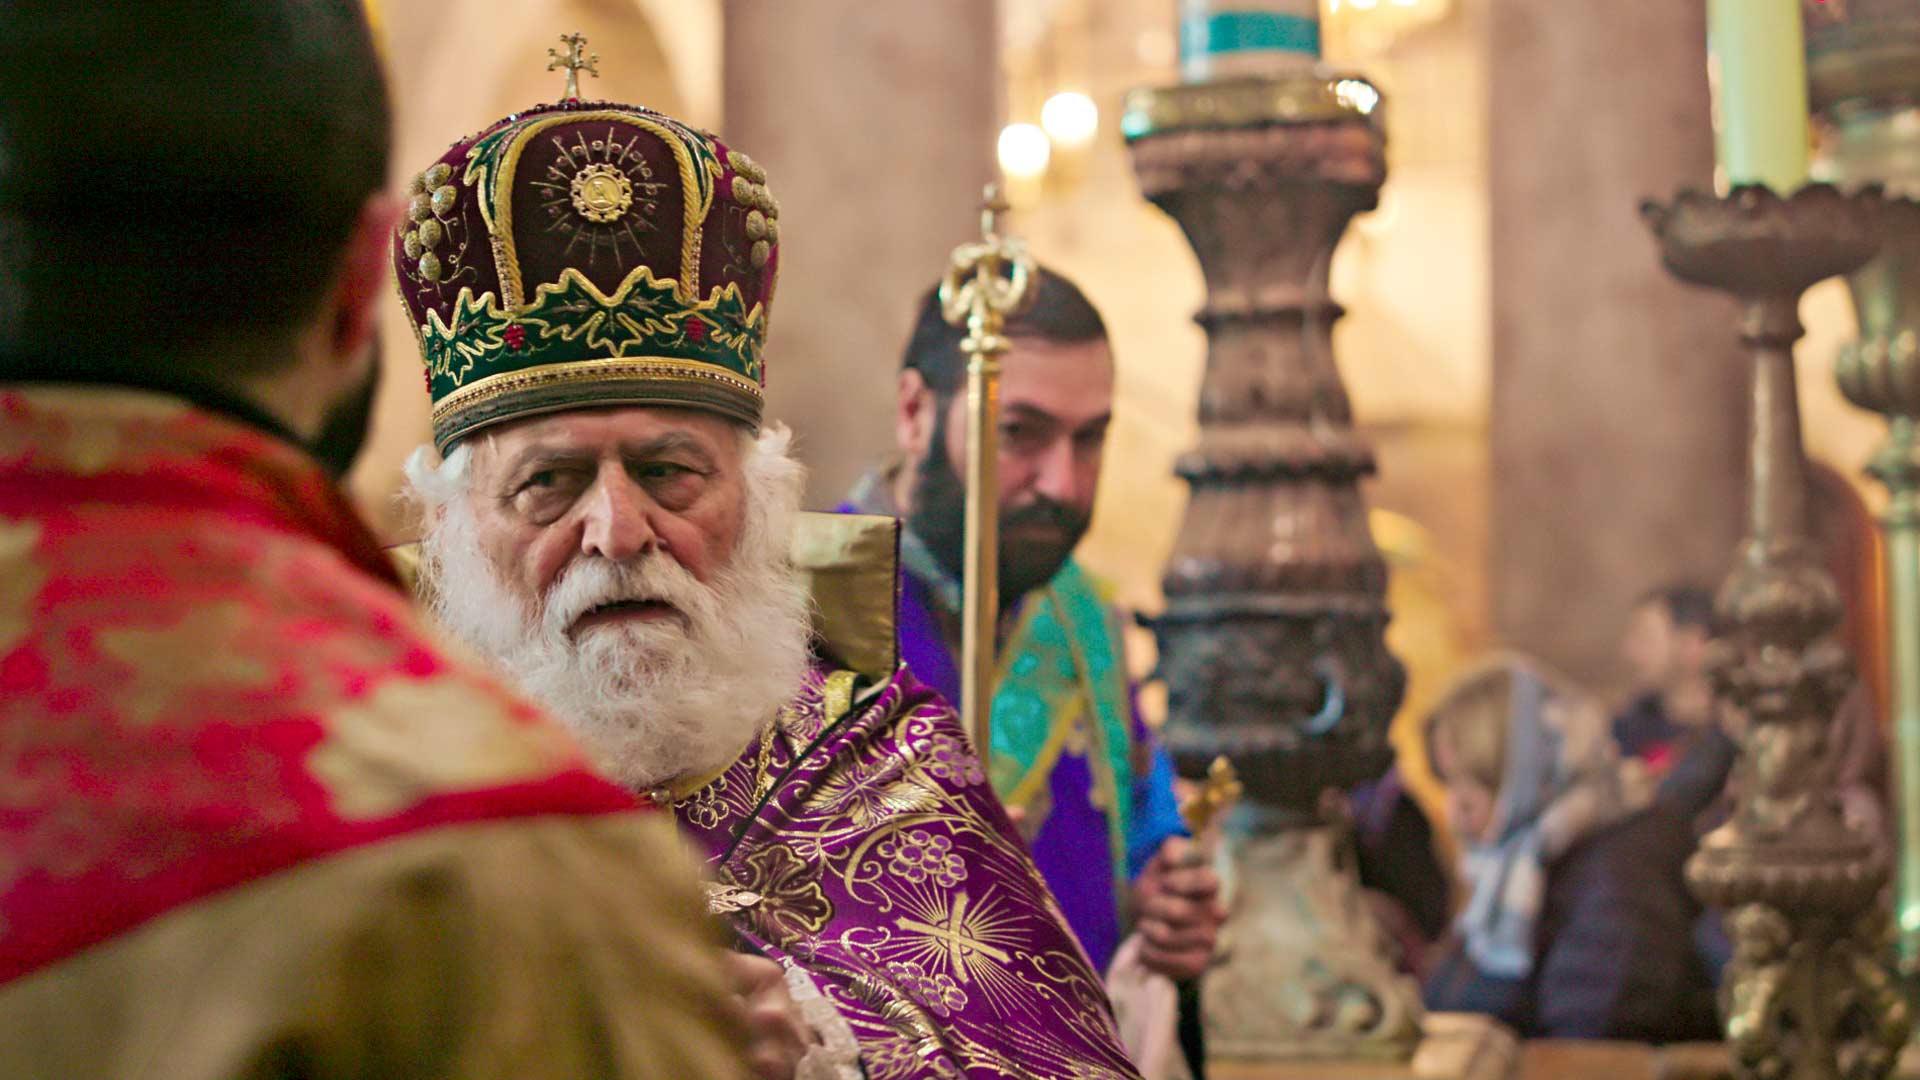 Jerusalemissa sijaitseva Pyhän haudan kirkko on rakennettu paikalle, jossa Jeesuksen ristiinnaulitsemispaikan Golgatan ja Jeesuksen haudan uskotaan sijainneen.